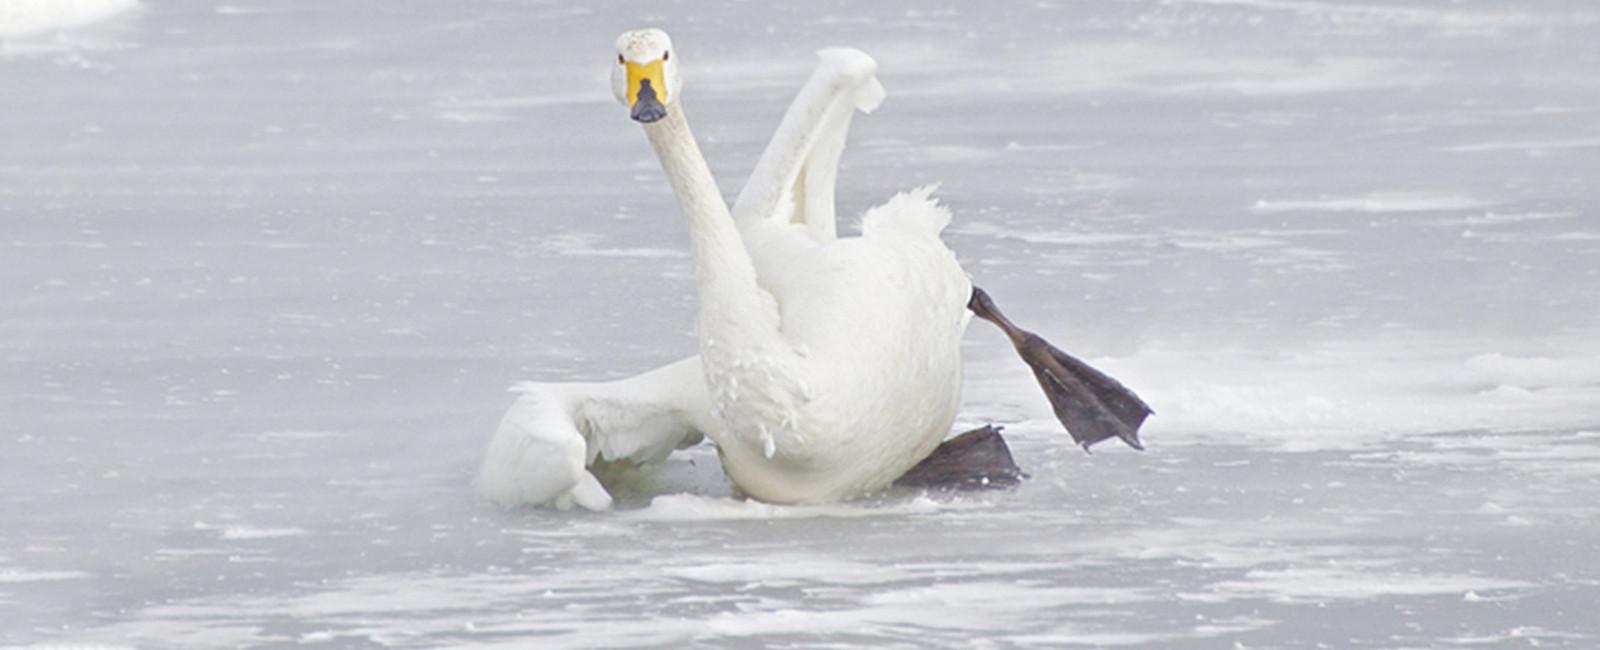 На річці Західний Буг у Сокалі примерзли лебеді. Волонтери просять про допомогу, щоб врятувати птахів